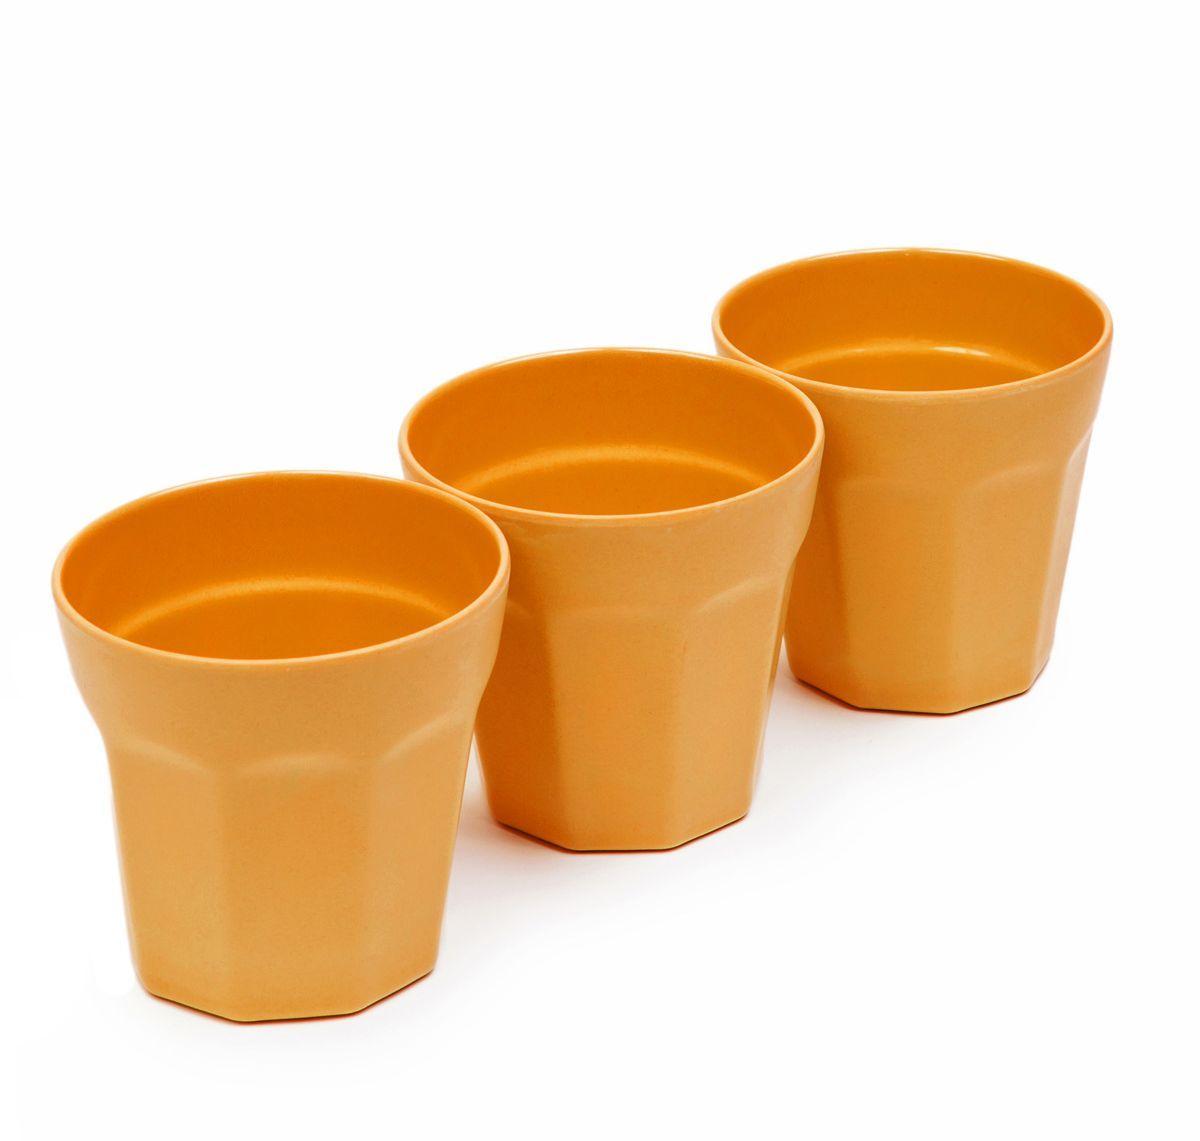 Набор стаканов MoulinVilla, цвет: оранжевый, 8,7 х 8,9 см, 3 штTSF-17-OНабор MoulinVilla состоит из трех стаканов. Предметы набора изготовлены из природного бамбука, очищенного от вредных примесей. Для окраски используются натуральные пищевые красители. Бамбук, сам по себе, является природным антисептиком. Эта уникальная особенность посуды гарантирует безопасность при эксплуатации и хранении различных видов пищевой продукции. Можно мыть в посудомоечной машине и в СВЧ-печах. Можно использовать для горячих и холодных продуктов (диапазон температур: от -20°С до 120°С). Диаметр стакана по верхнему краю: 8,7 см. Высота стенки стакана: 8,9 см.